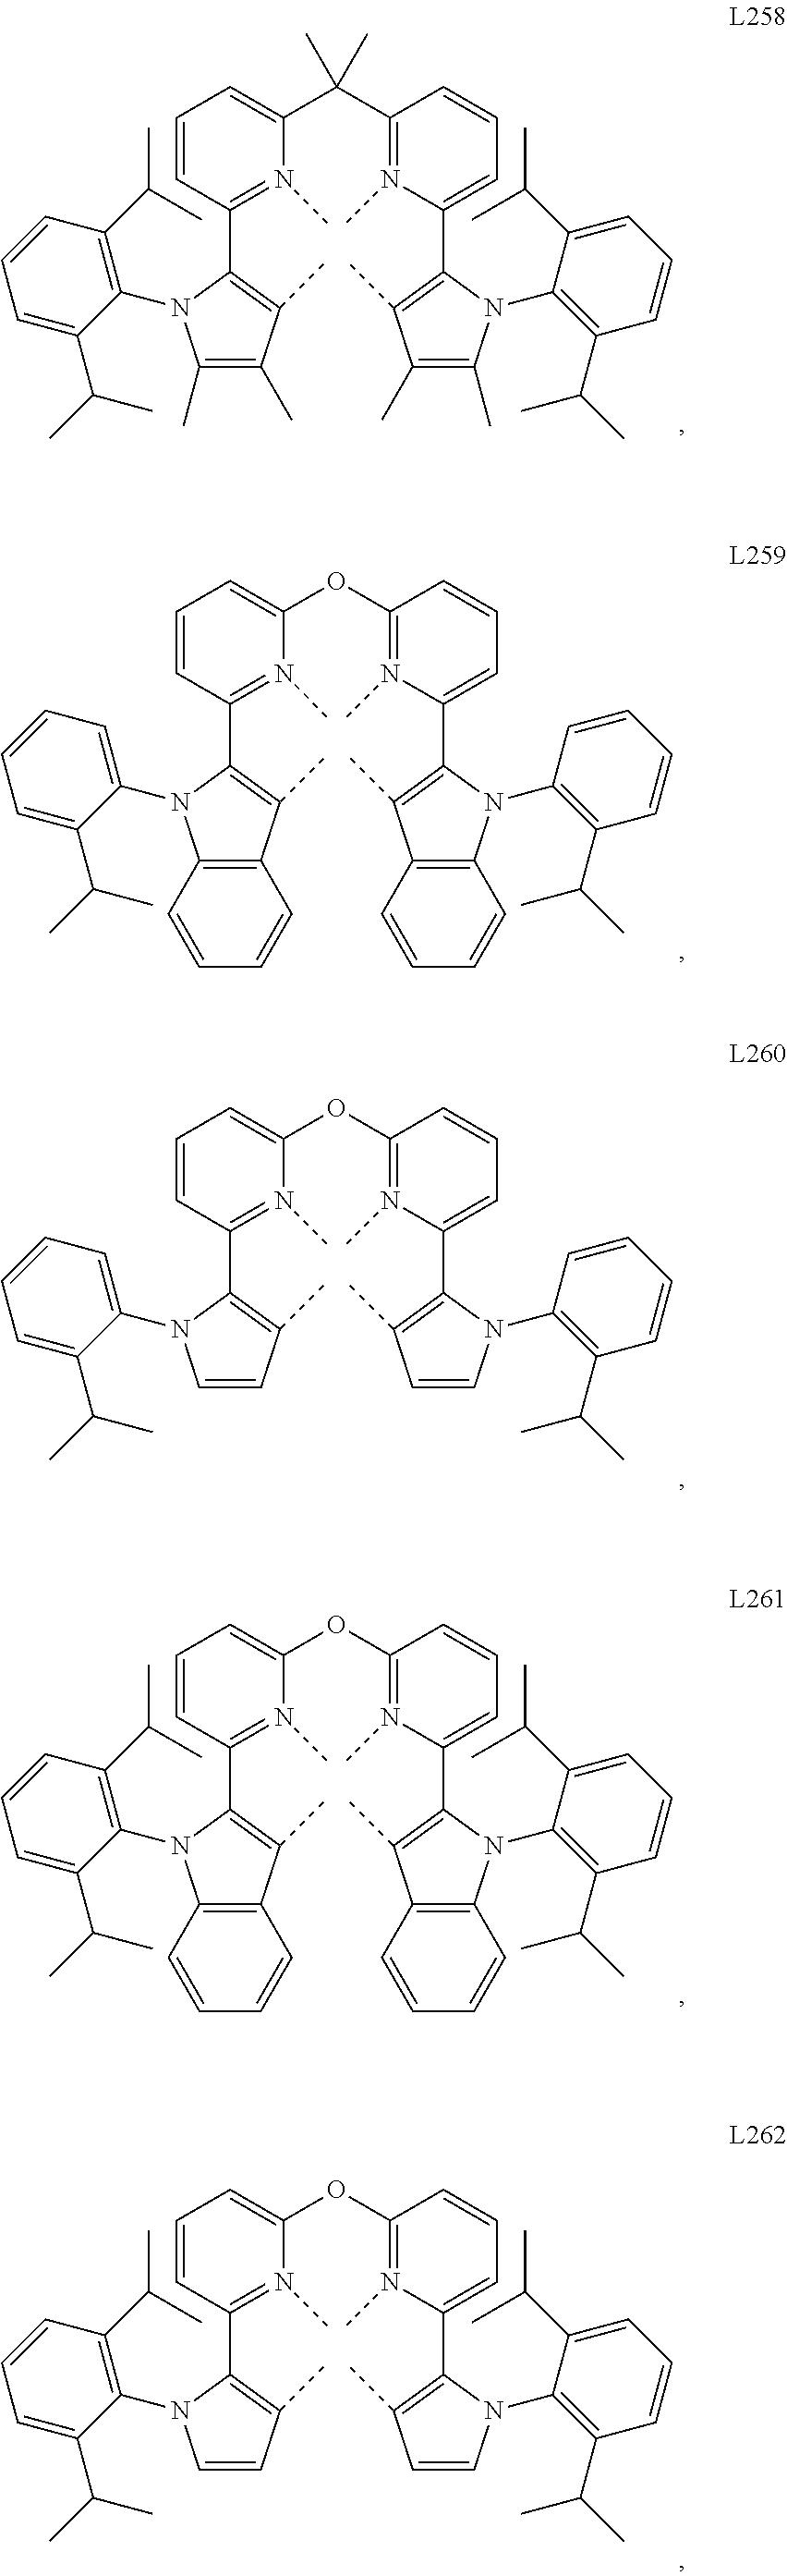 Figure US09935277-20180403-C00058